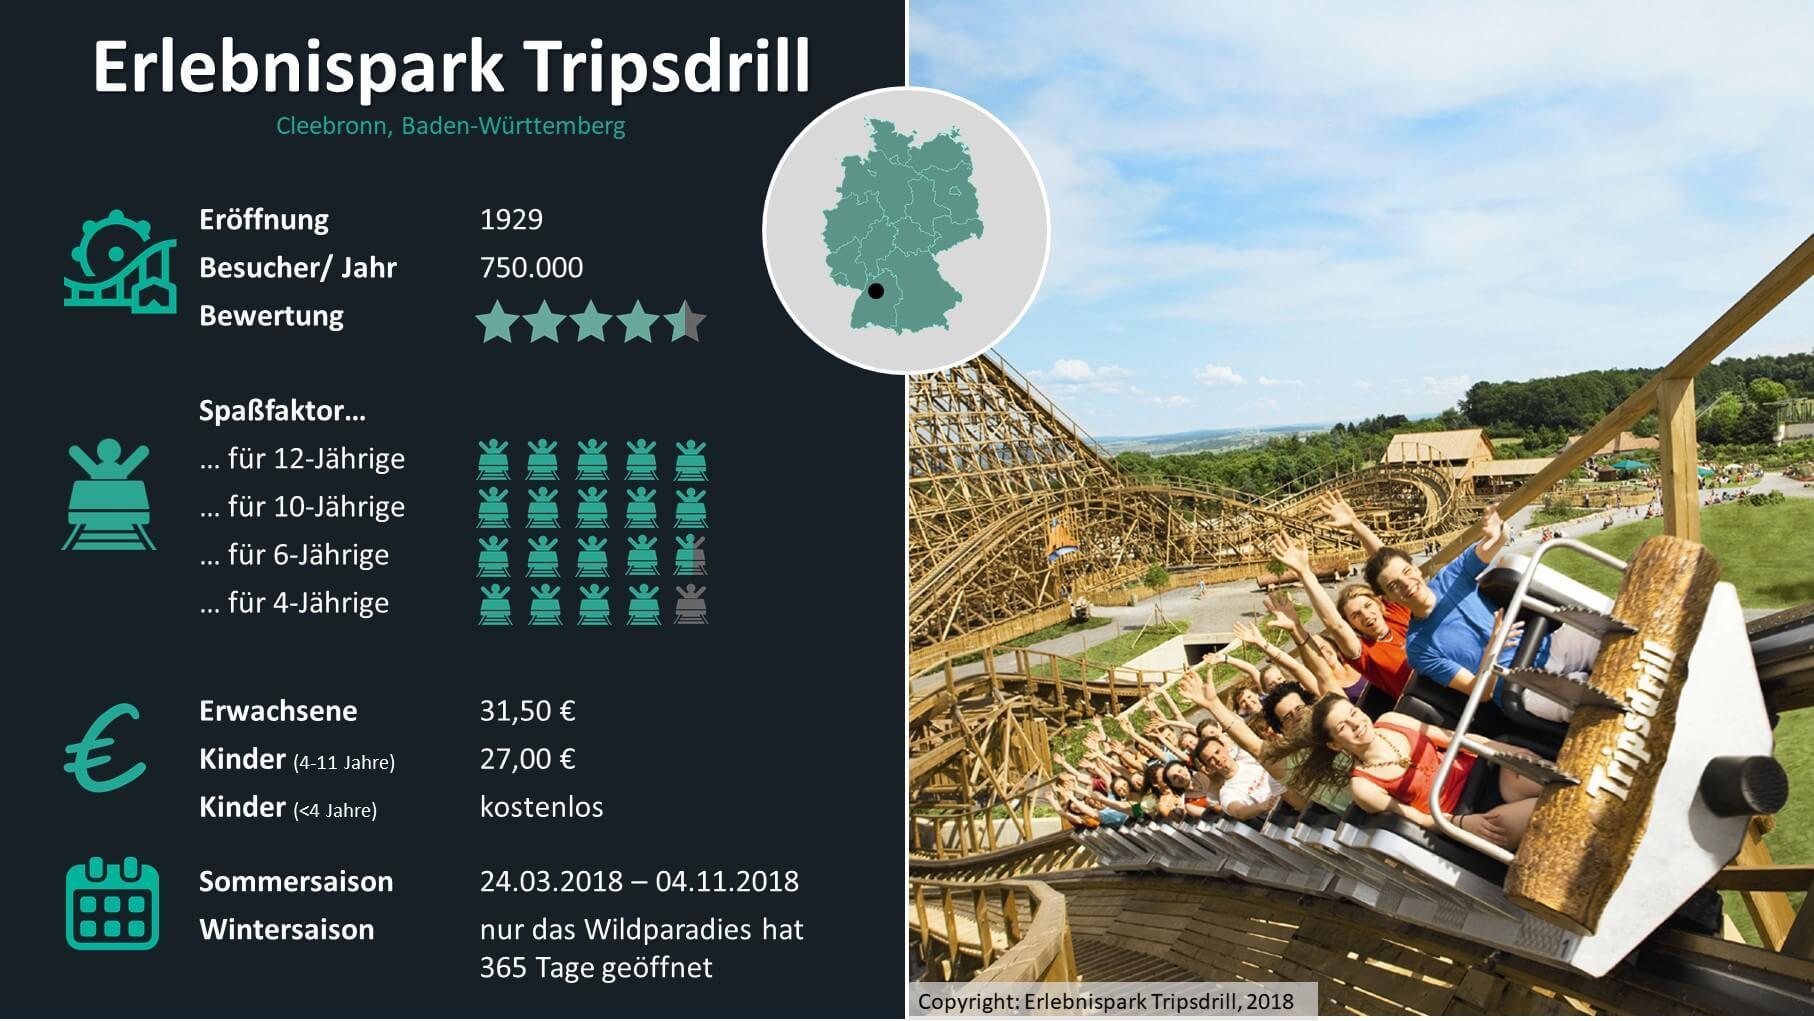 Freizeitpark Check: Erlebnispark Tripsdrill